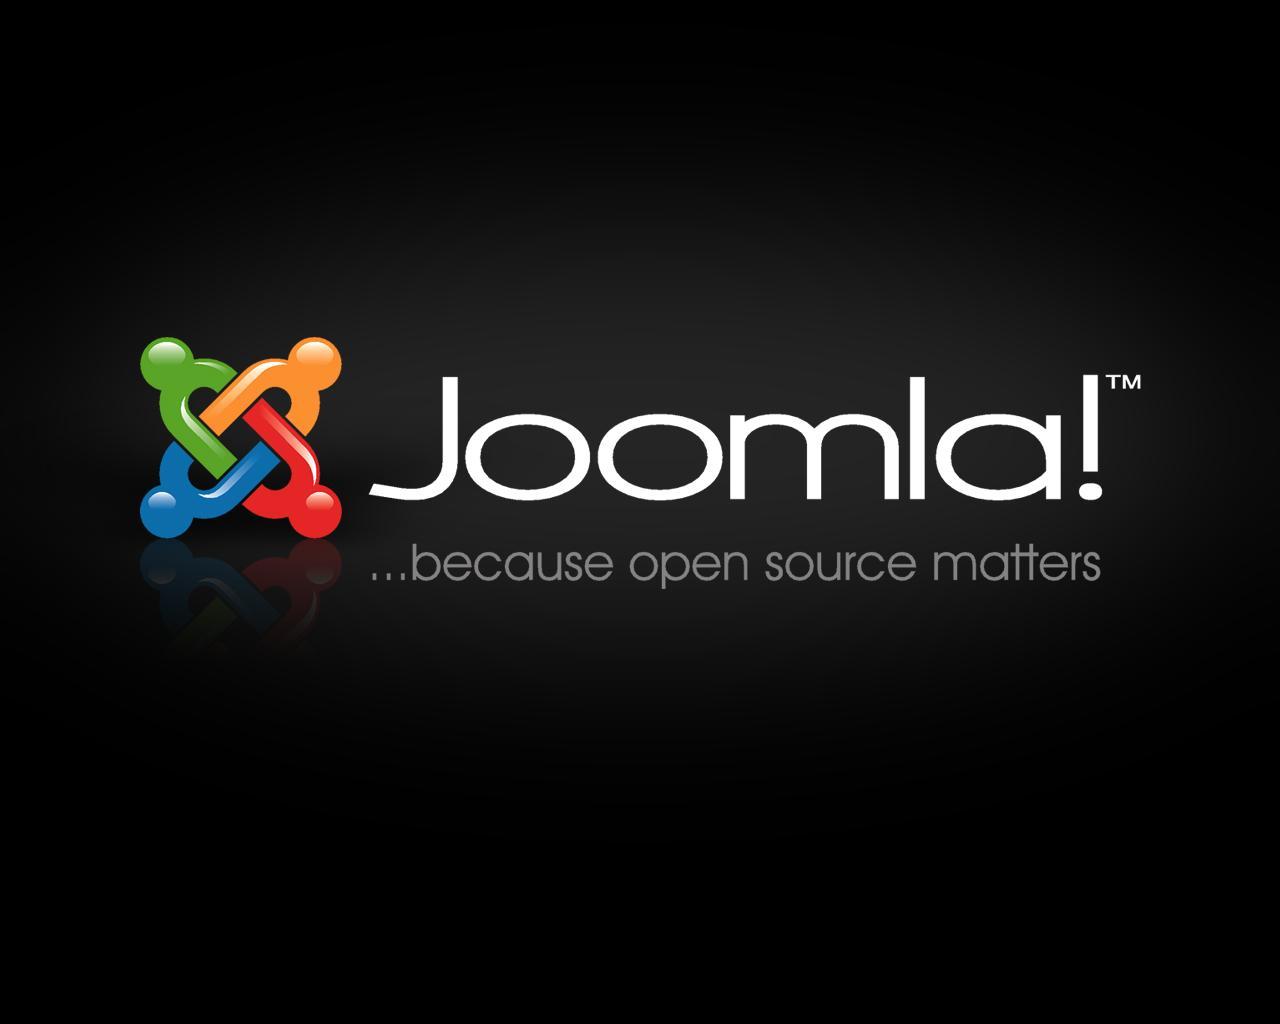 3 Websites to Help You Find Joomla! Development Jobs